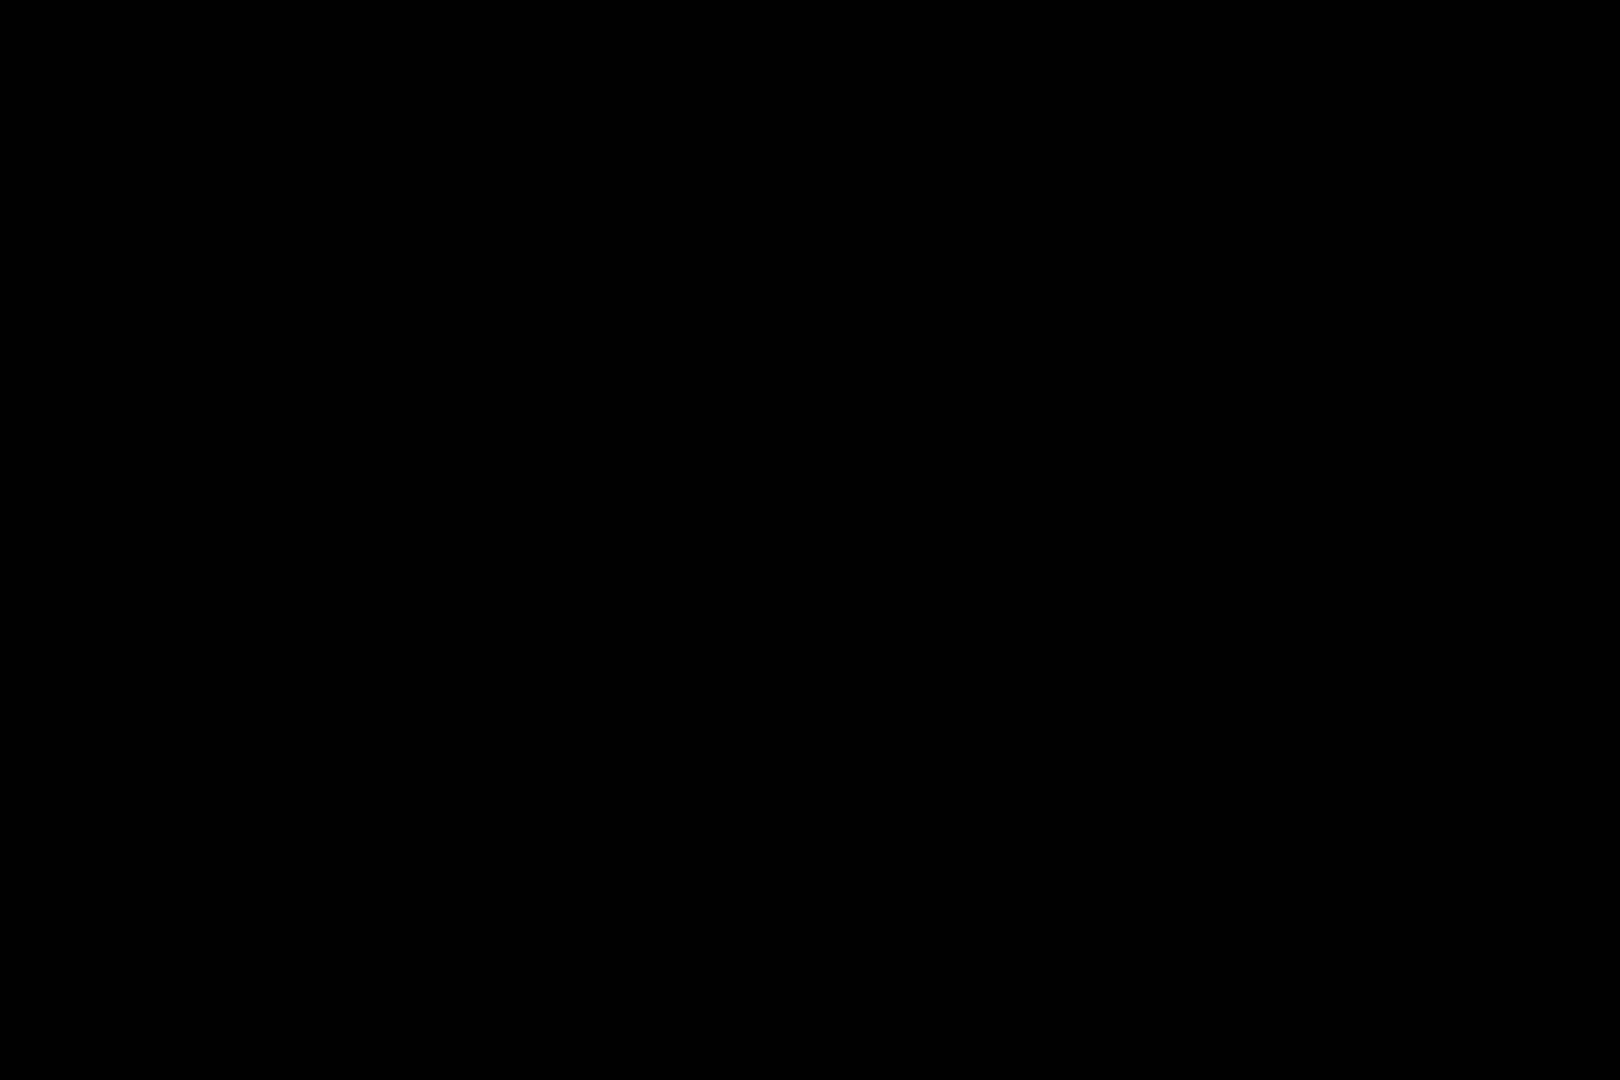 充血監督の深夜の運動会Vol.237 OL  106枚 66